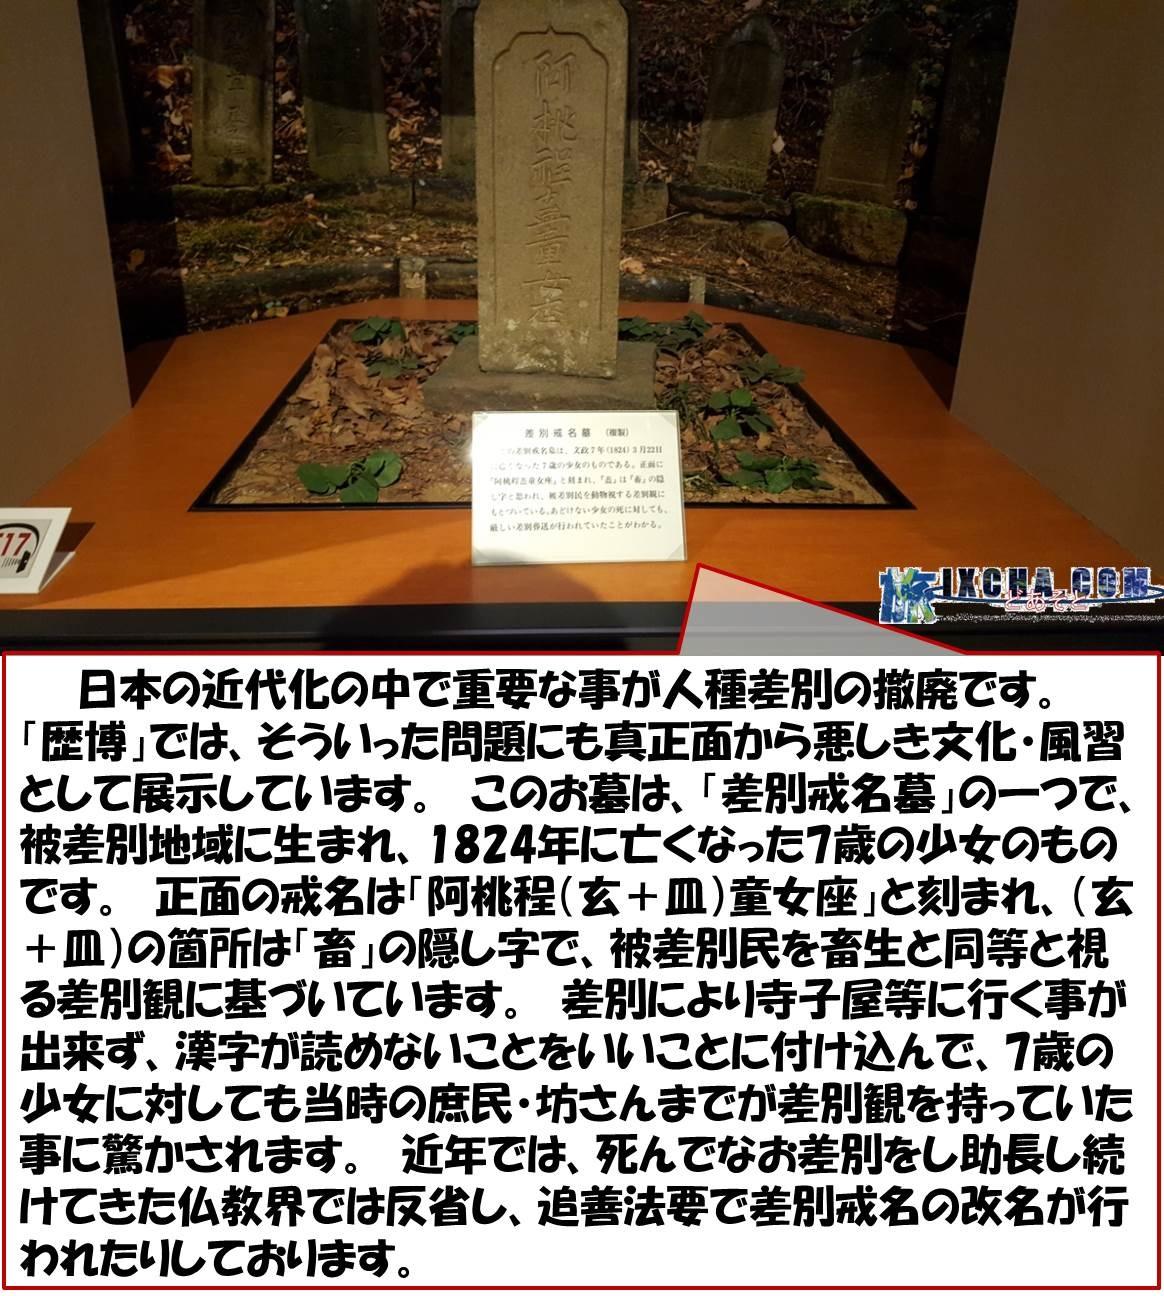 日本の近代化の中で重要な事が人種差別の撤廃です。 「歴博」では、そういった問題にも真正面から悪しき文化・風習として展示しています。 このお墓は、「差別戒名墓」の一つで、被差別地域に生まれ、1824年に亡くなった7歳の少女のものです。 正面の戒名は「阿桃程(玄+皿)童女座」と刻まれ、(玄+皿)の箇所は「畜」の隠し字で、被差別民を畜生と同等と視る差別観に基づいています。 差別により寺子屋等に行く事が出来ず、漢字が読めないことをいいことに付け込んで、7歳の少女に対しても当時の庶民・坊さんまでが差別観を持っていた事に驚かされます。 近年では、死んでなお差別をし助長し続けてきた仏教界では反省し、追善法要で差別戒名の改名が行われたりしております。